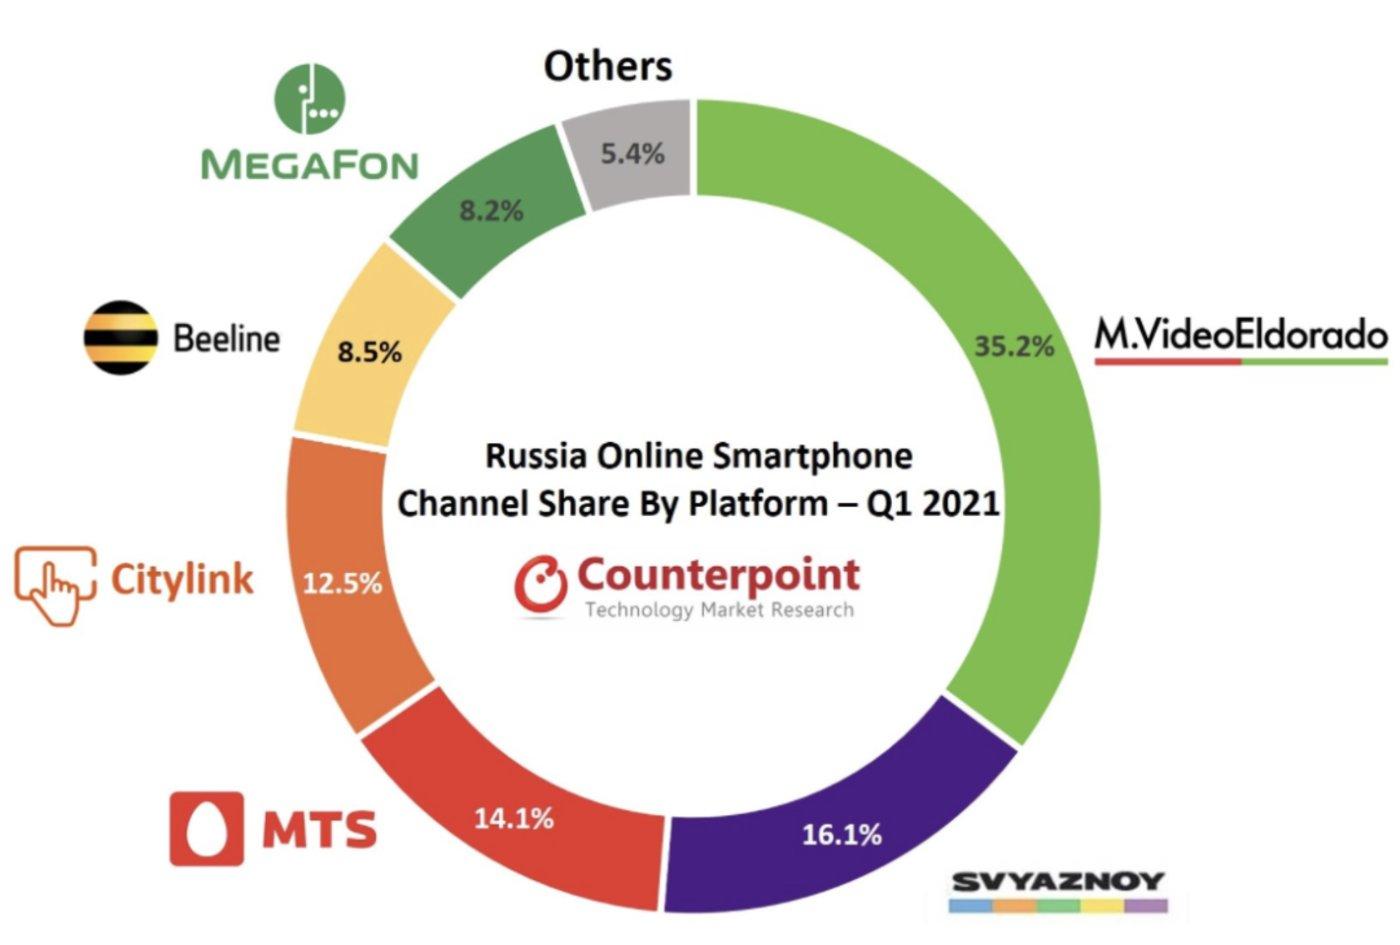 俄罗斯电信运营商在网售智能手机渠道份额/来源:Counterpoint